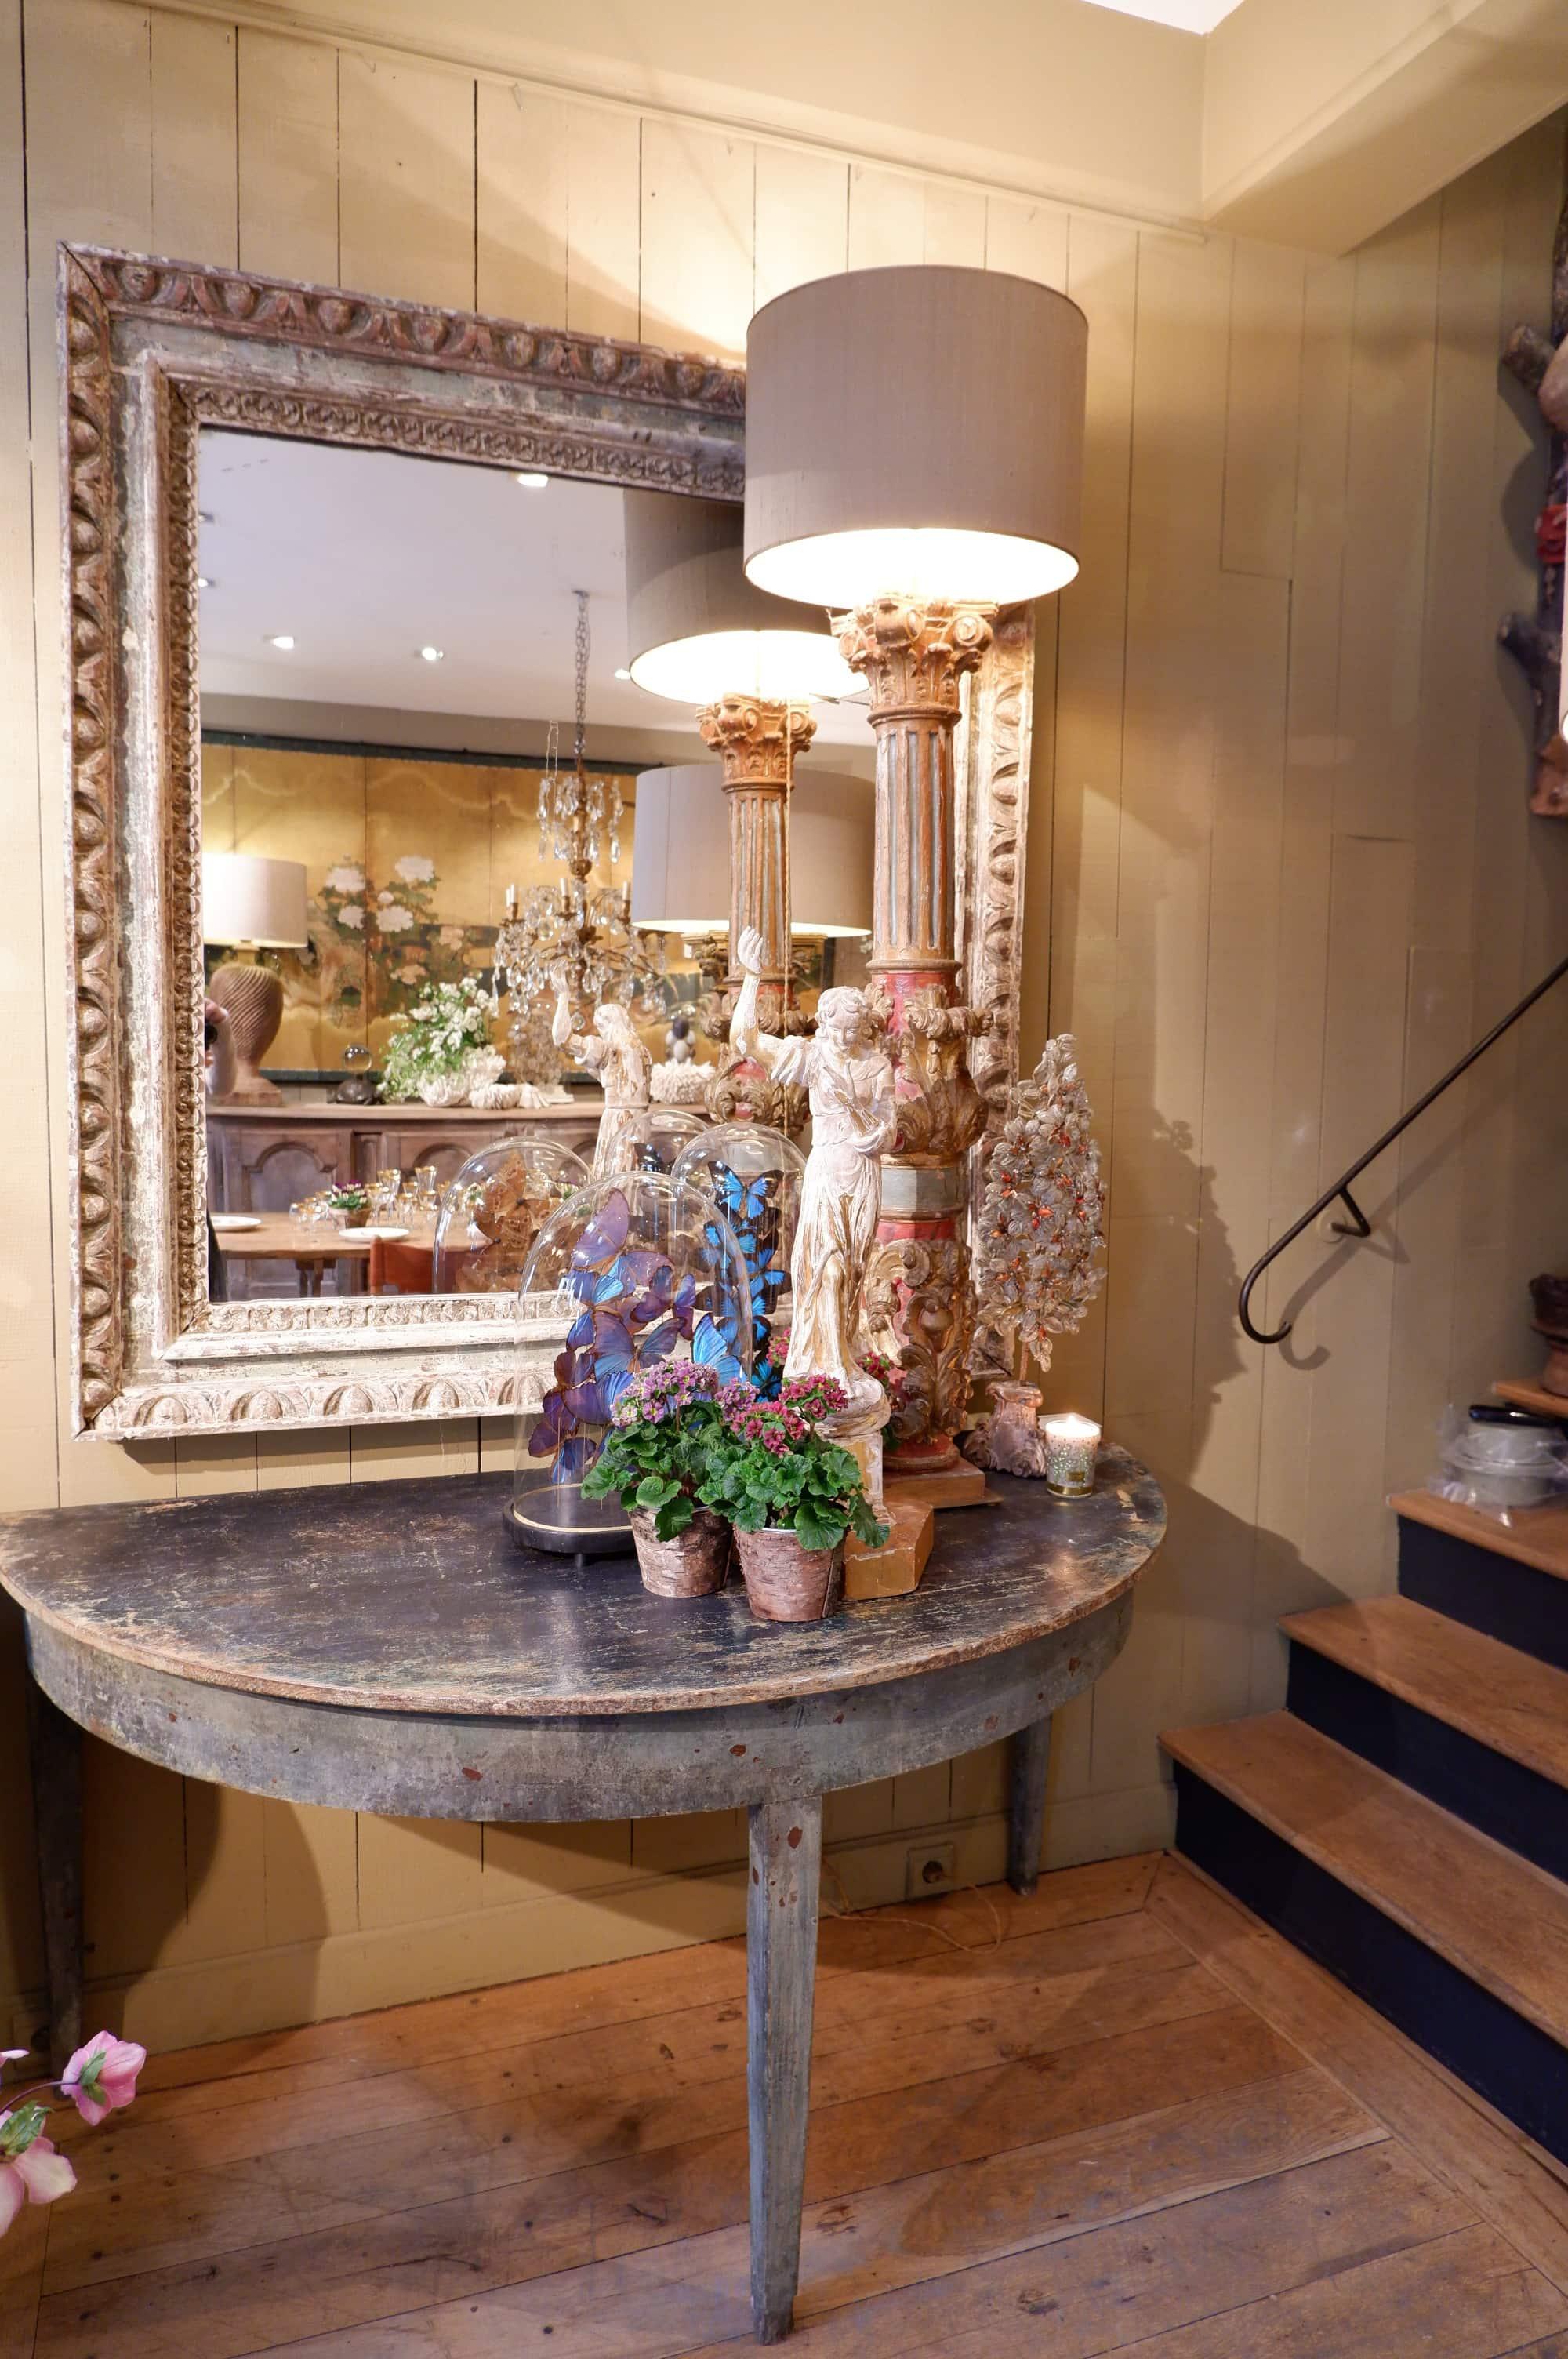 Grand miroir cadre en bois sculpté patine turquoise – fin XVIIIe